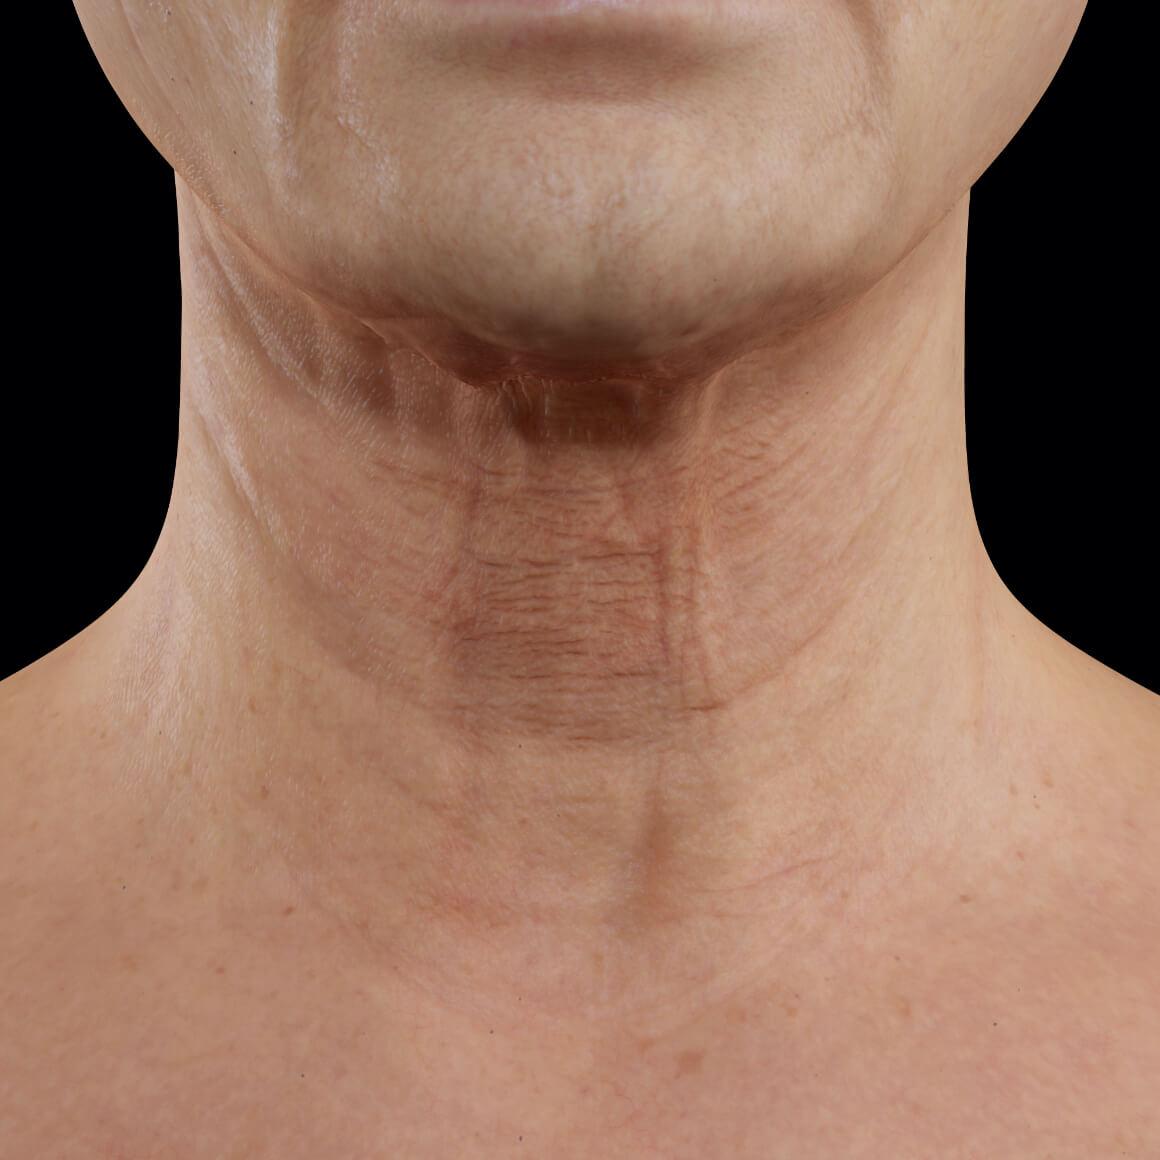 Patiente de la Clinique Chloé vue de face montrant un relâchement cutané du cou